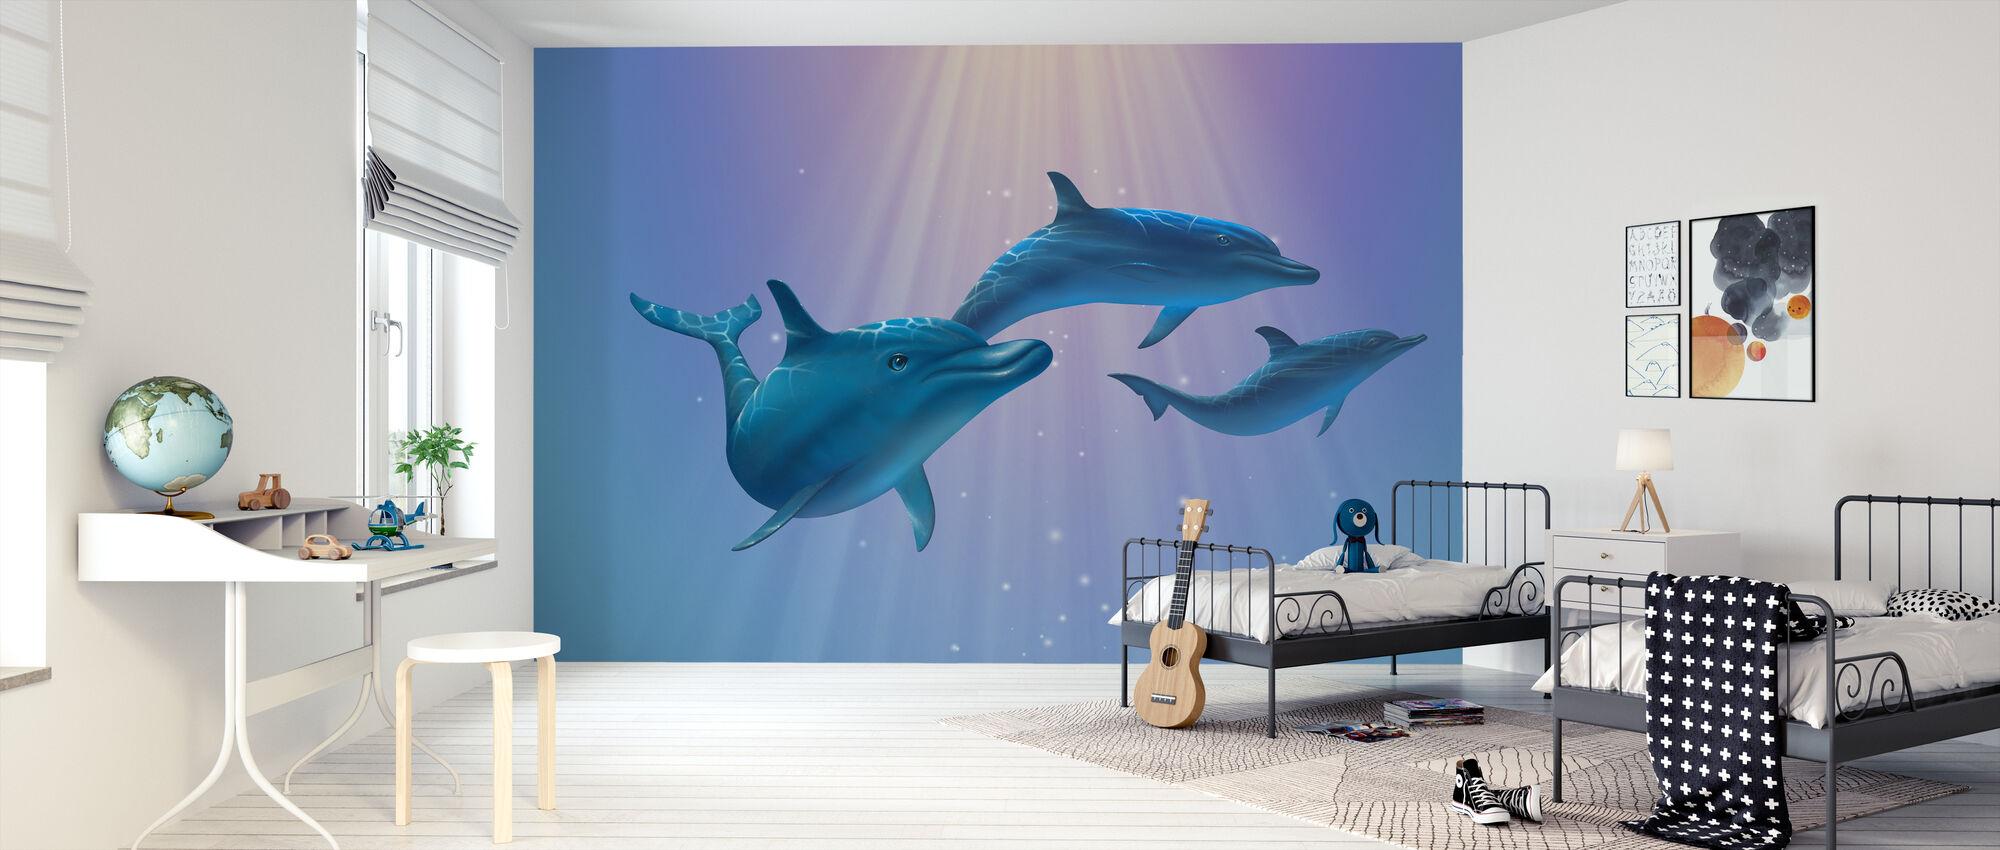 Delphin Licht - Tapete - Kinderzimmer